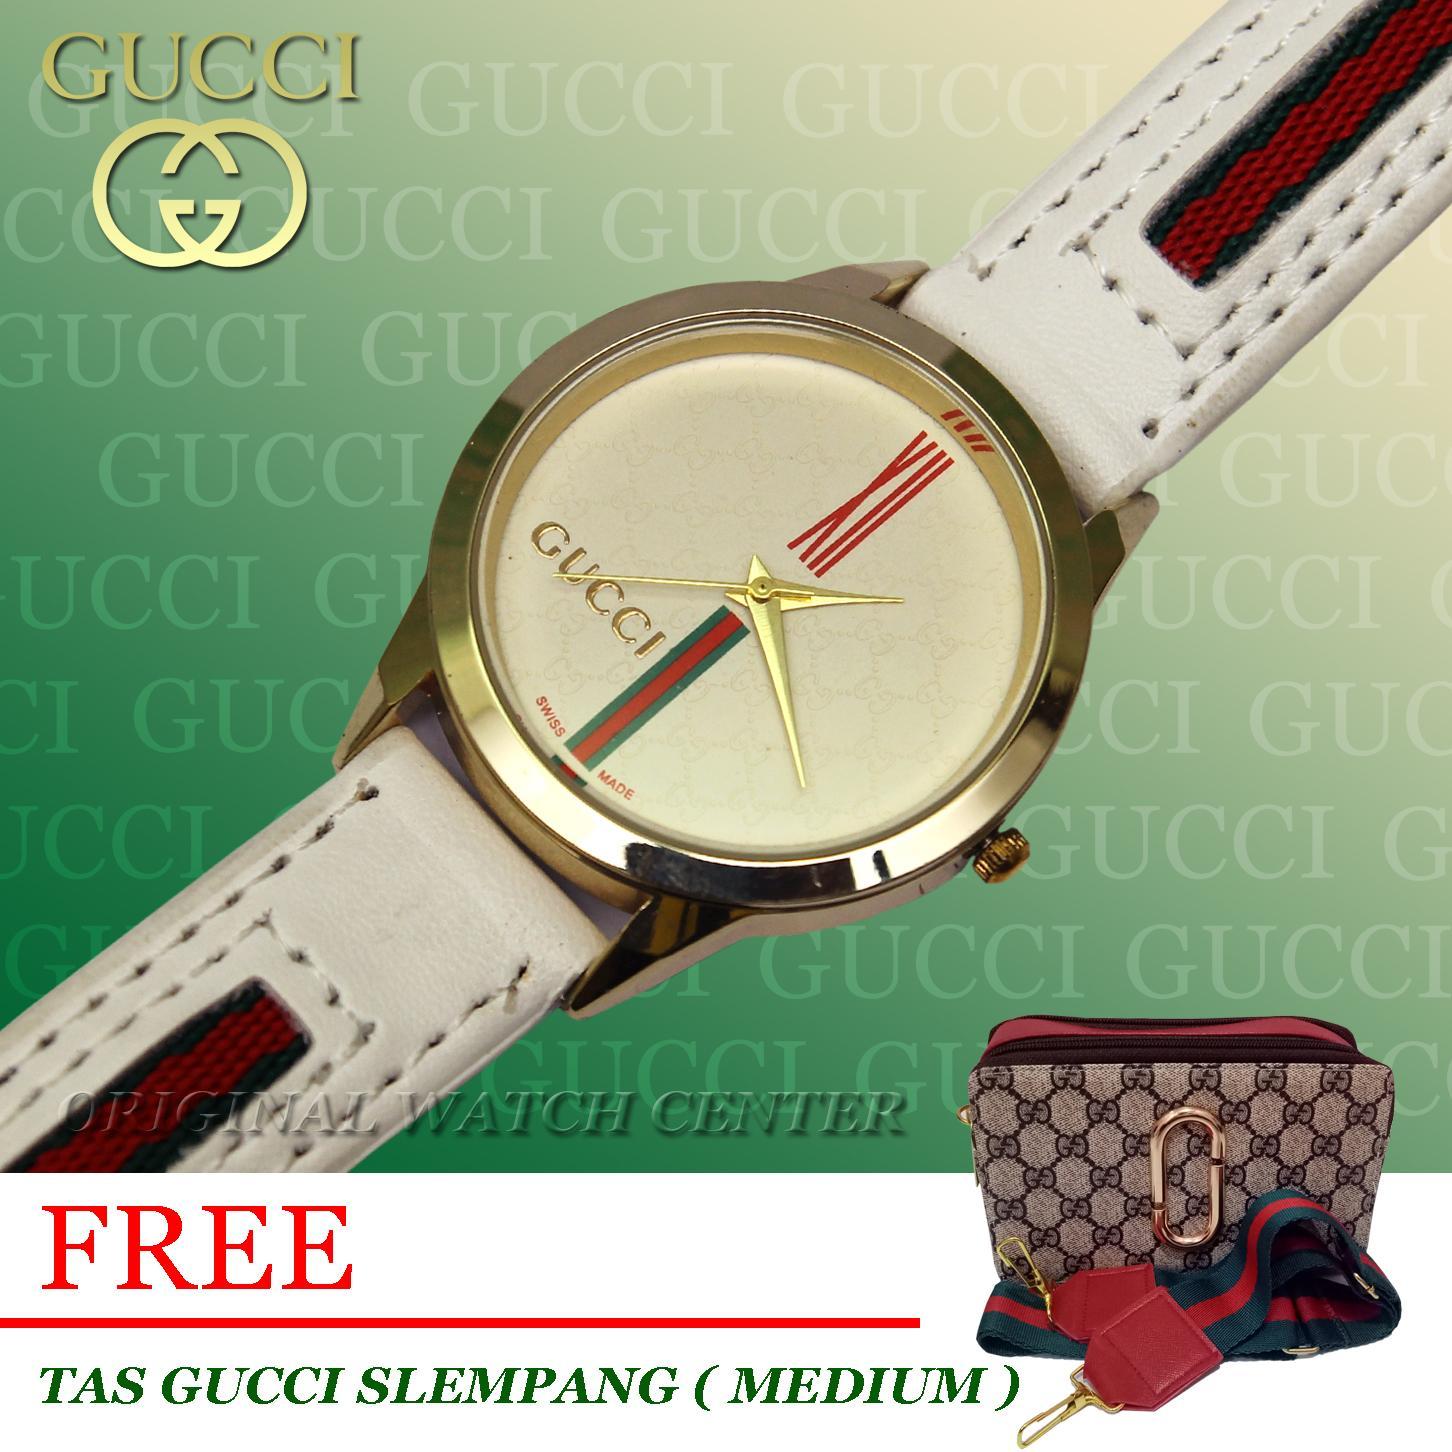 Jam Tangan_Gucci_Rose Gold_ Jam Tangan Wanita - Desain kasual Dan Fashionable - Tali Kulit [ PROMO